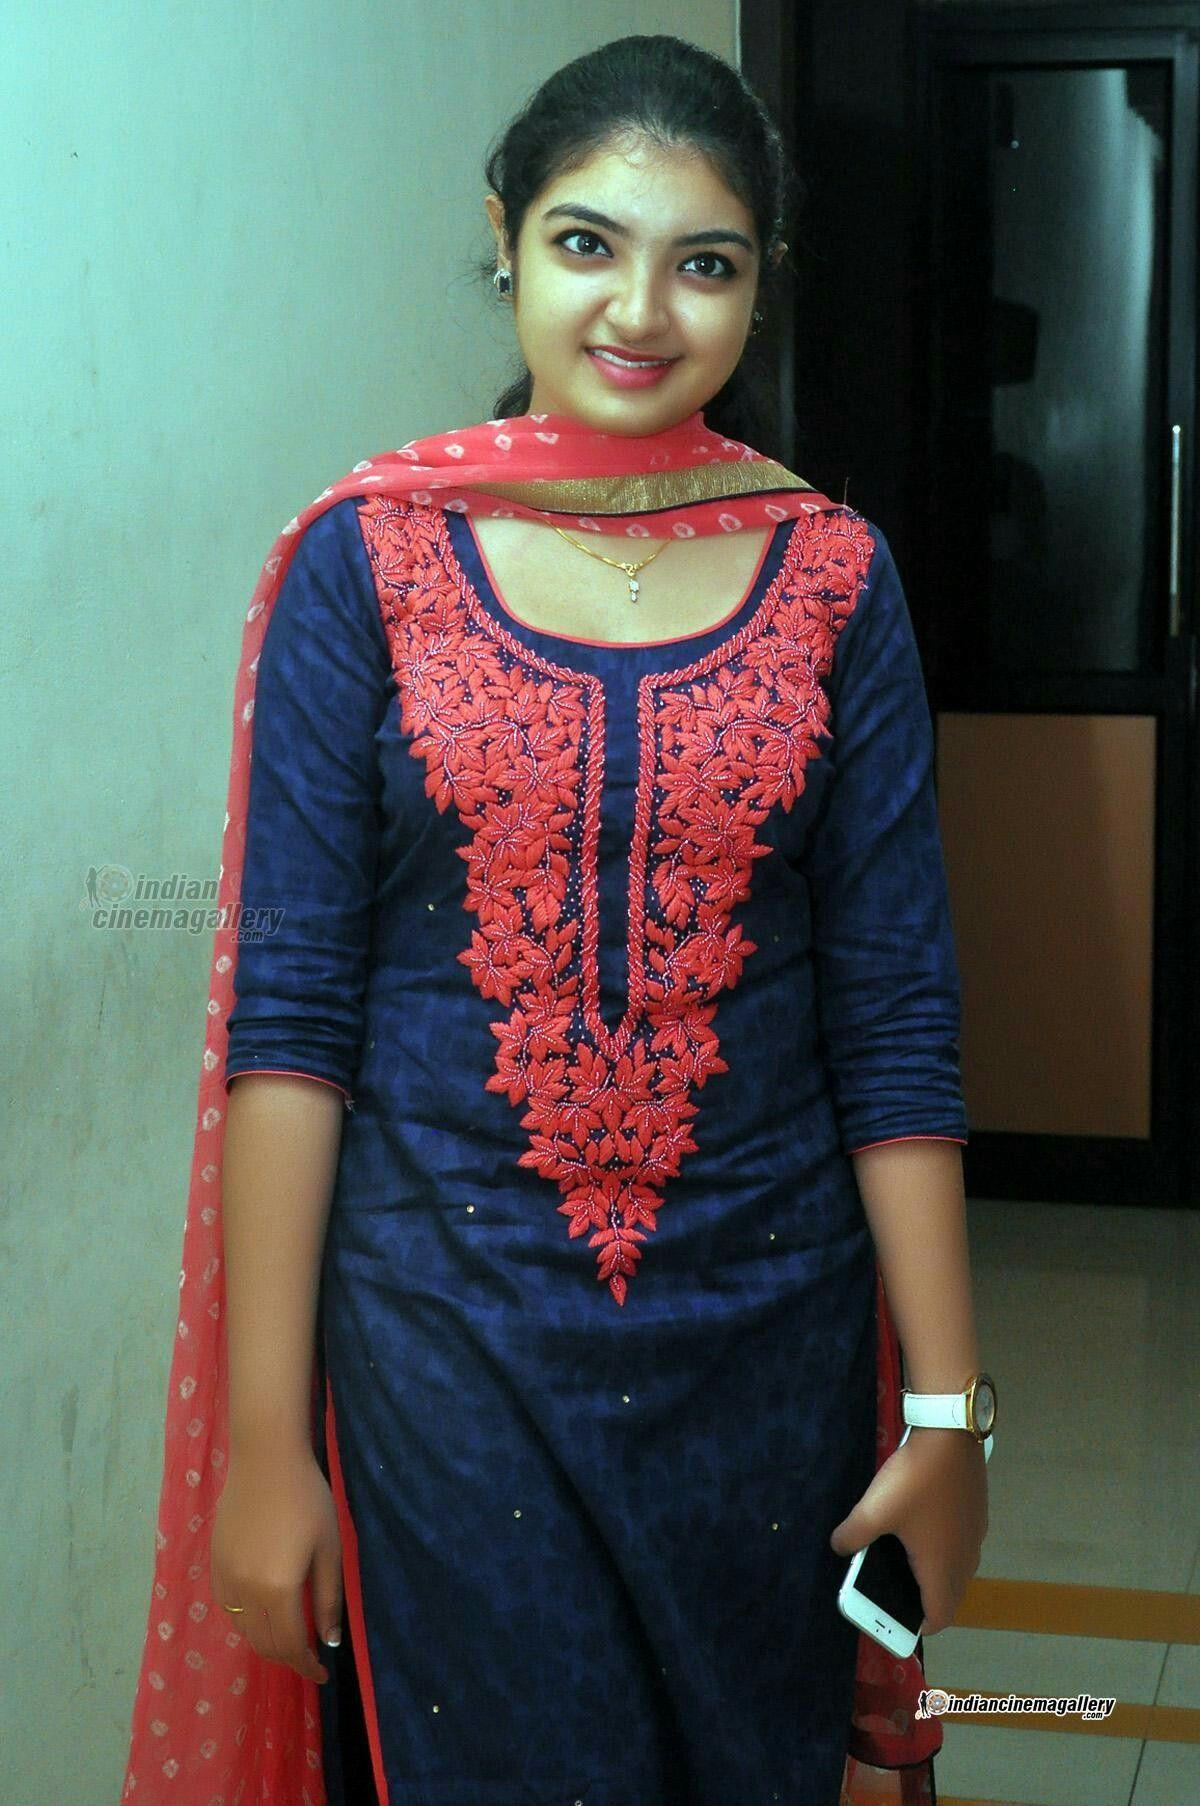 1111actress Tamil girls, Indian girls, Indian women